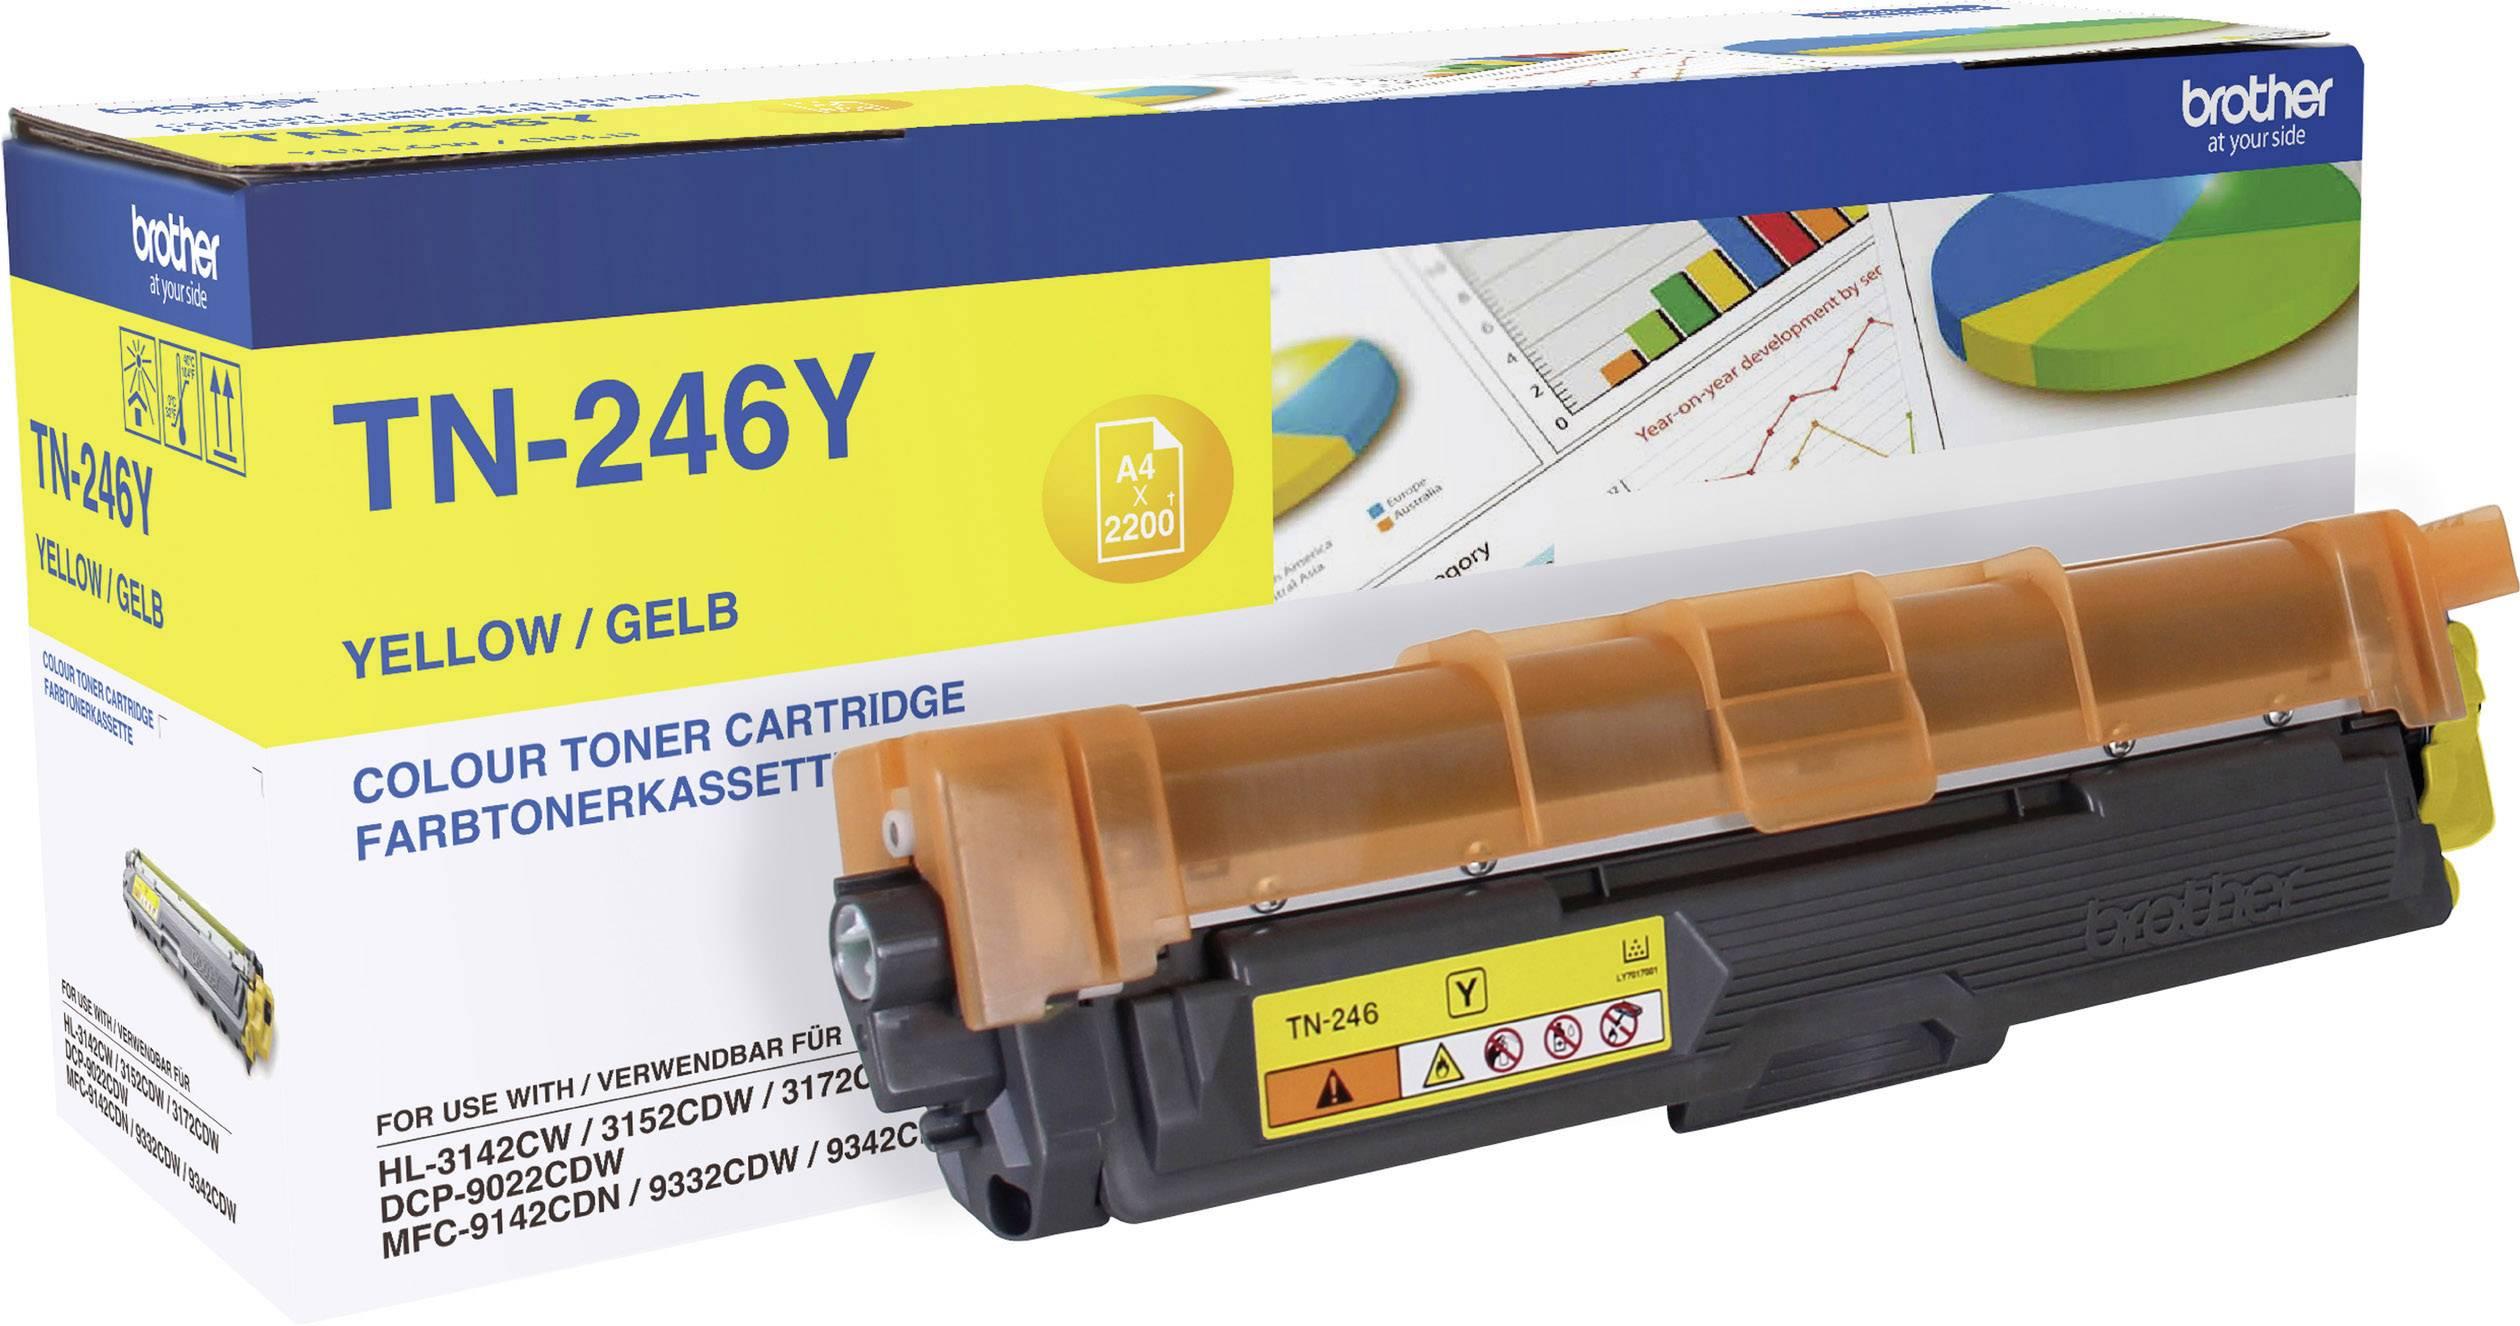 Toner originál Brother TN-246Y žlutá Maximální rozsah stárnek 2200 Seiten